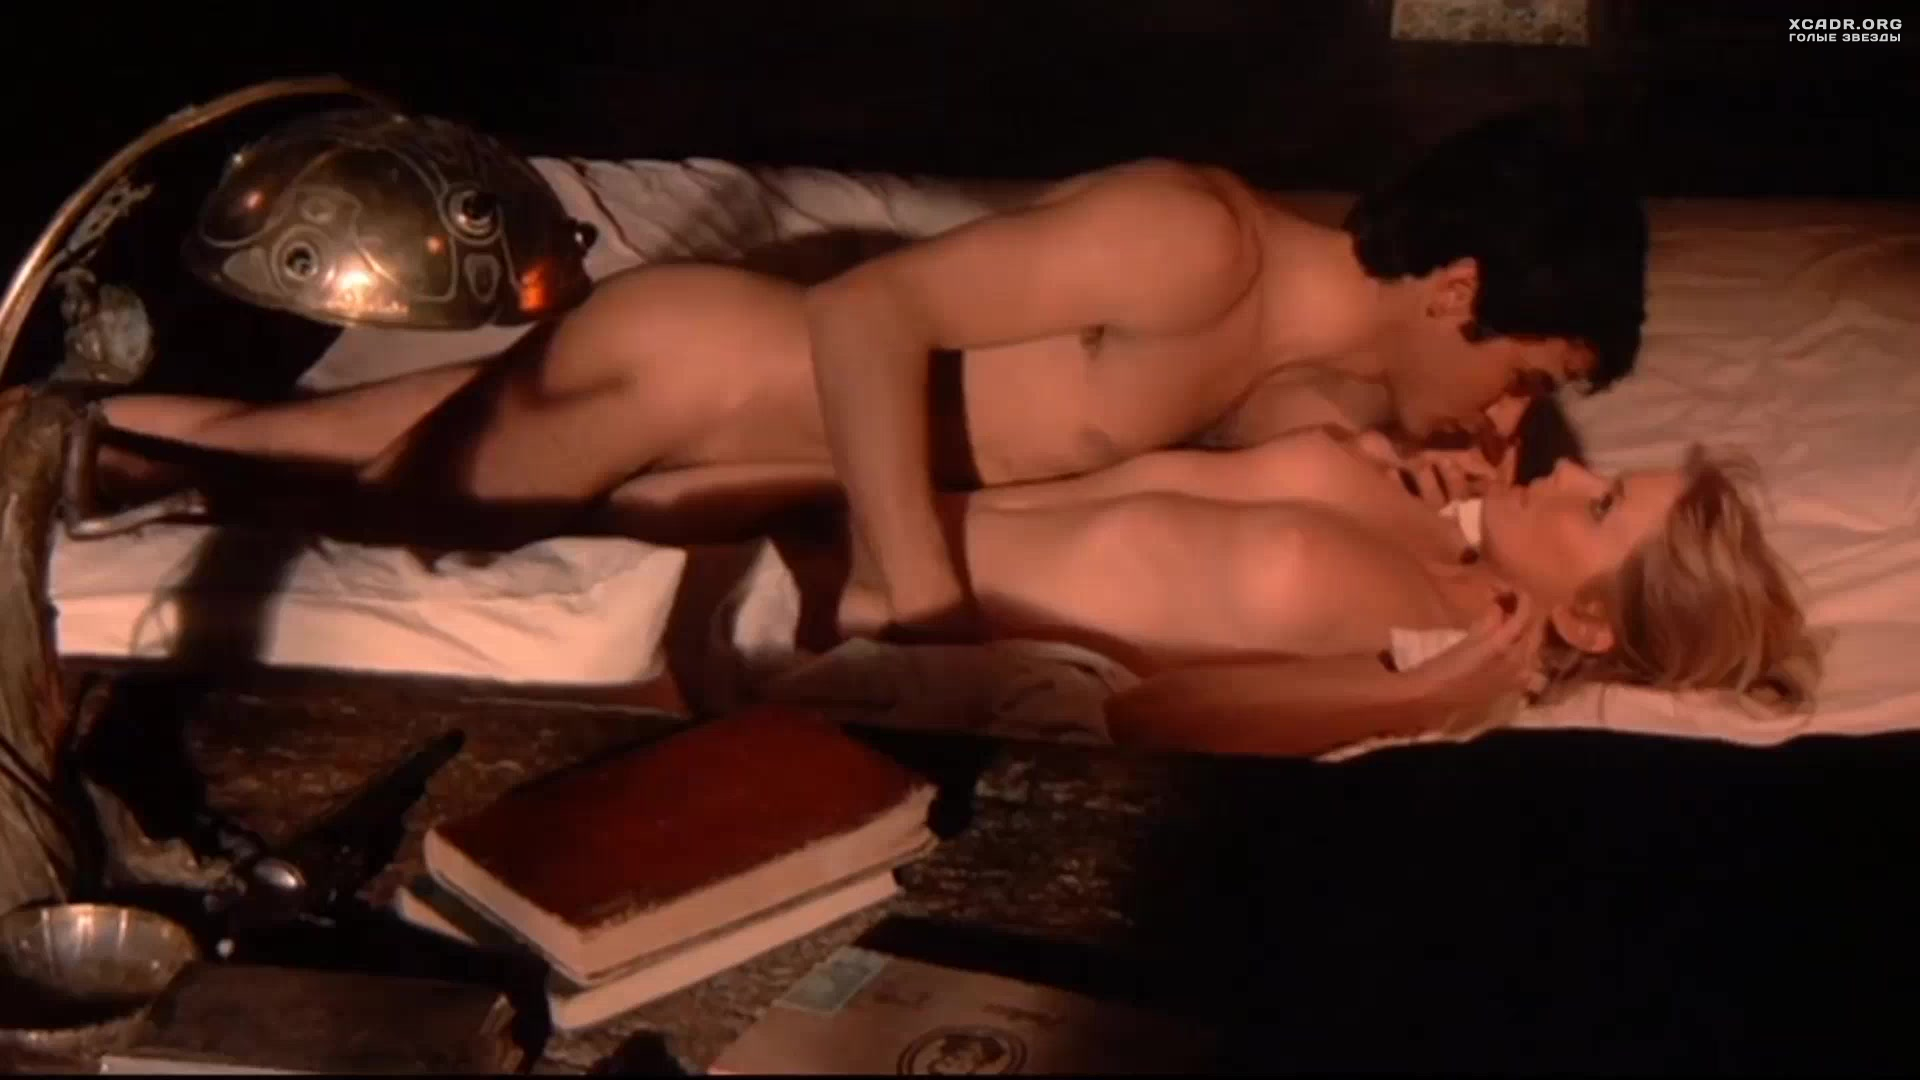 eroticheskie-stseni-retro